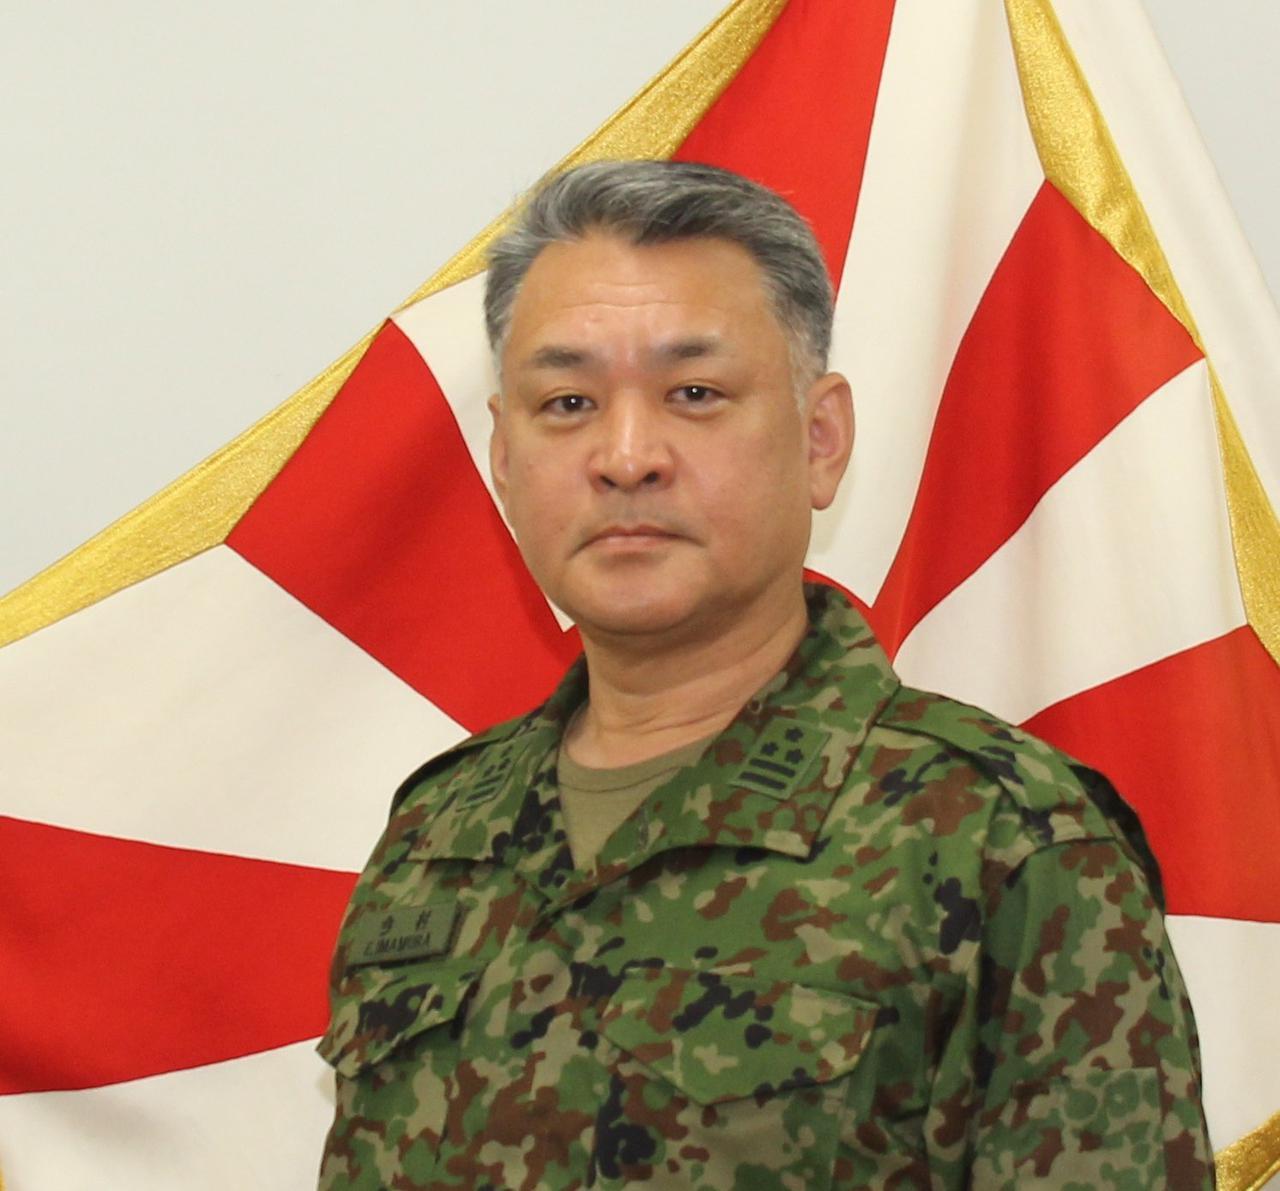 画像: 陸上自衛隊第19普通科連隊 on Twitter twitter.com